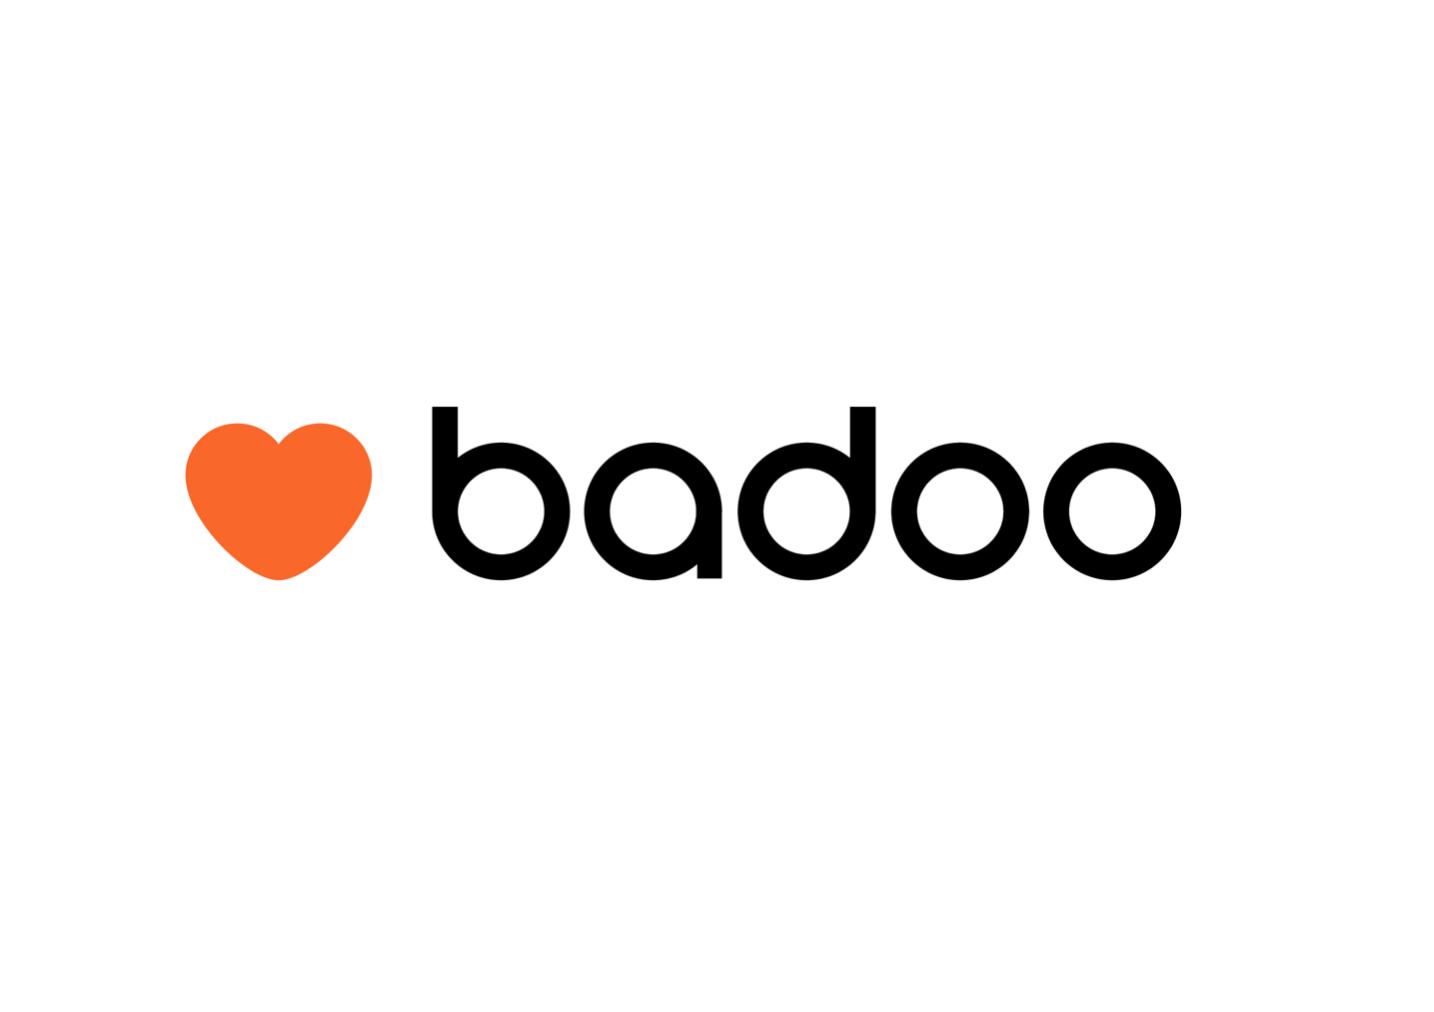 badoo contact number uk